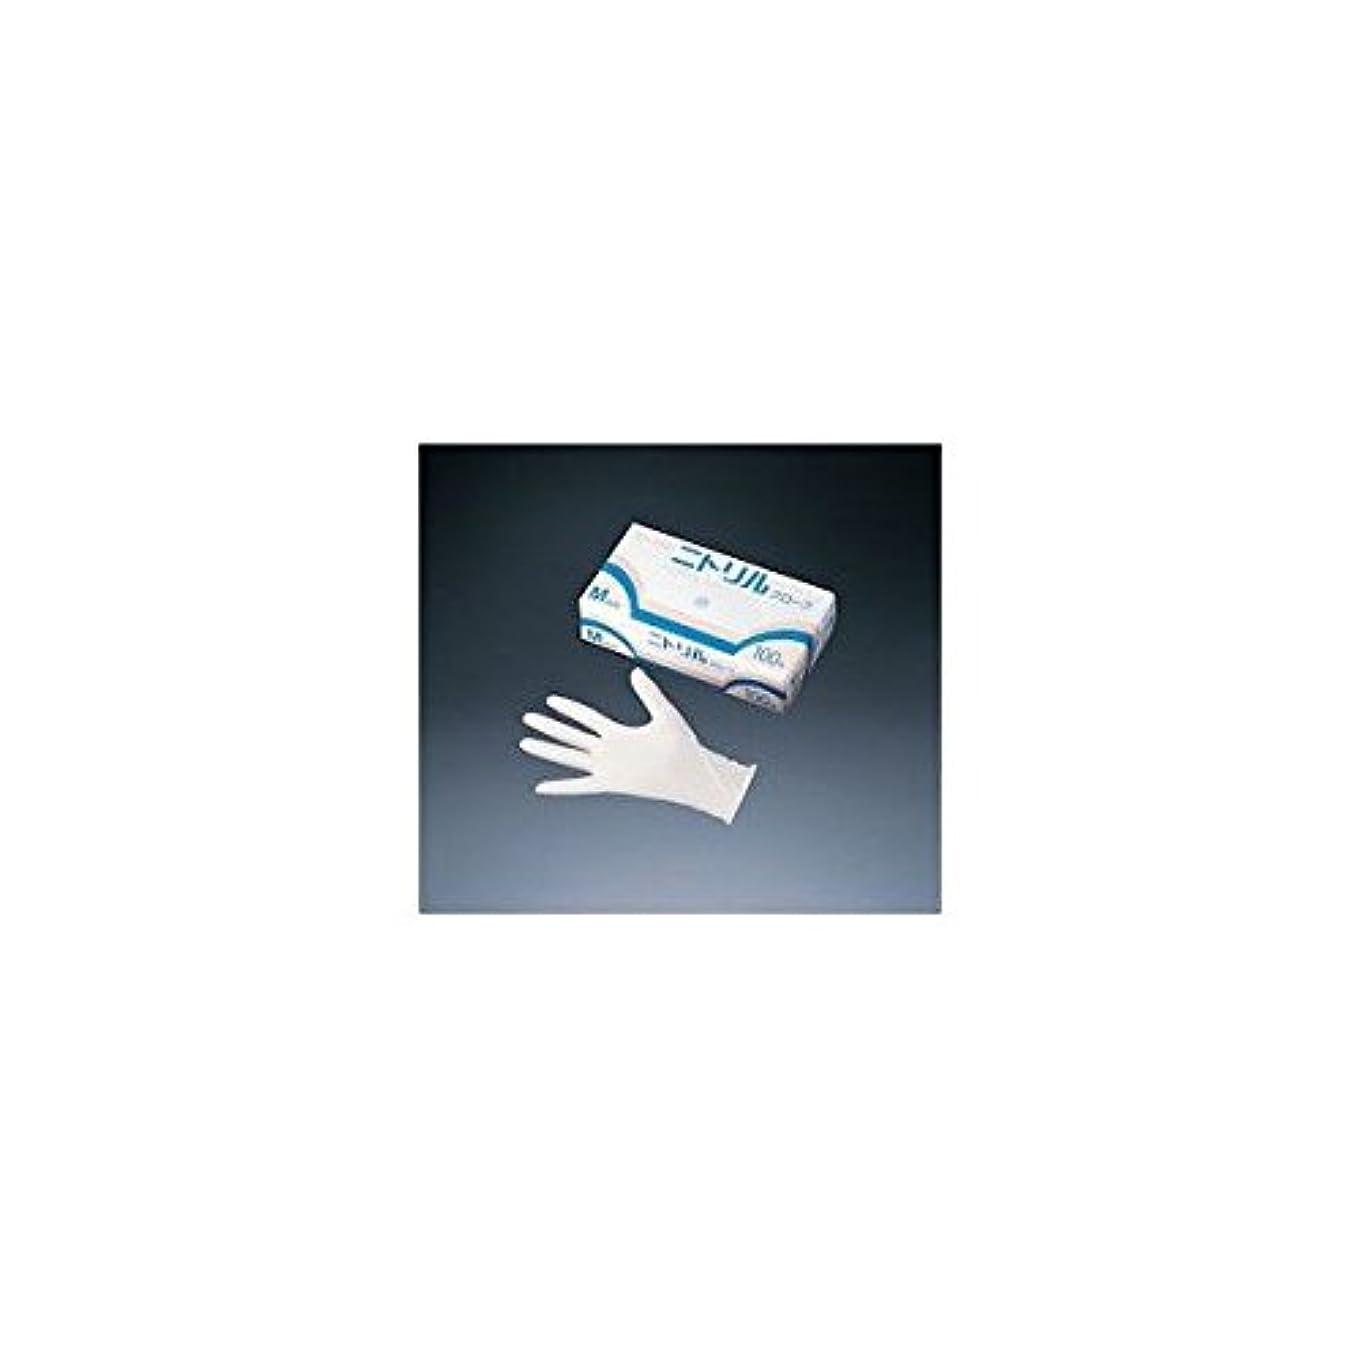 シンカン胸淡い旭創業 ニトリルグローブ ホワイト (100枚セット) S